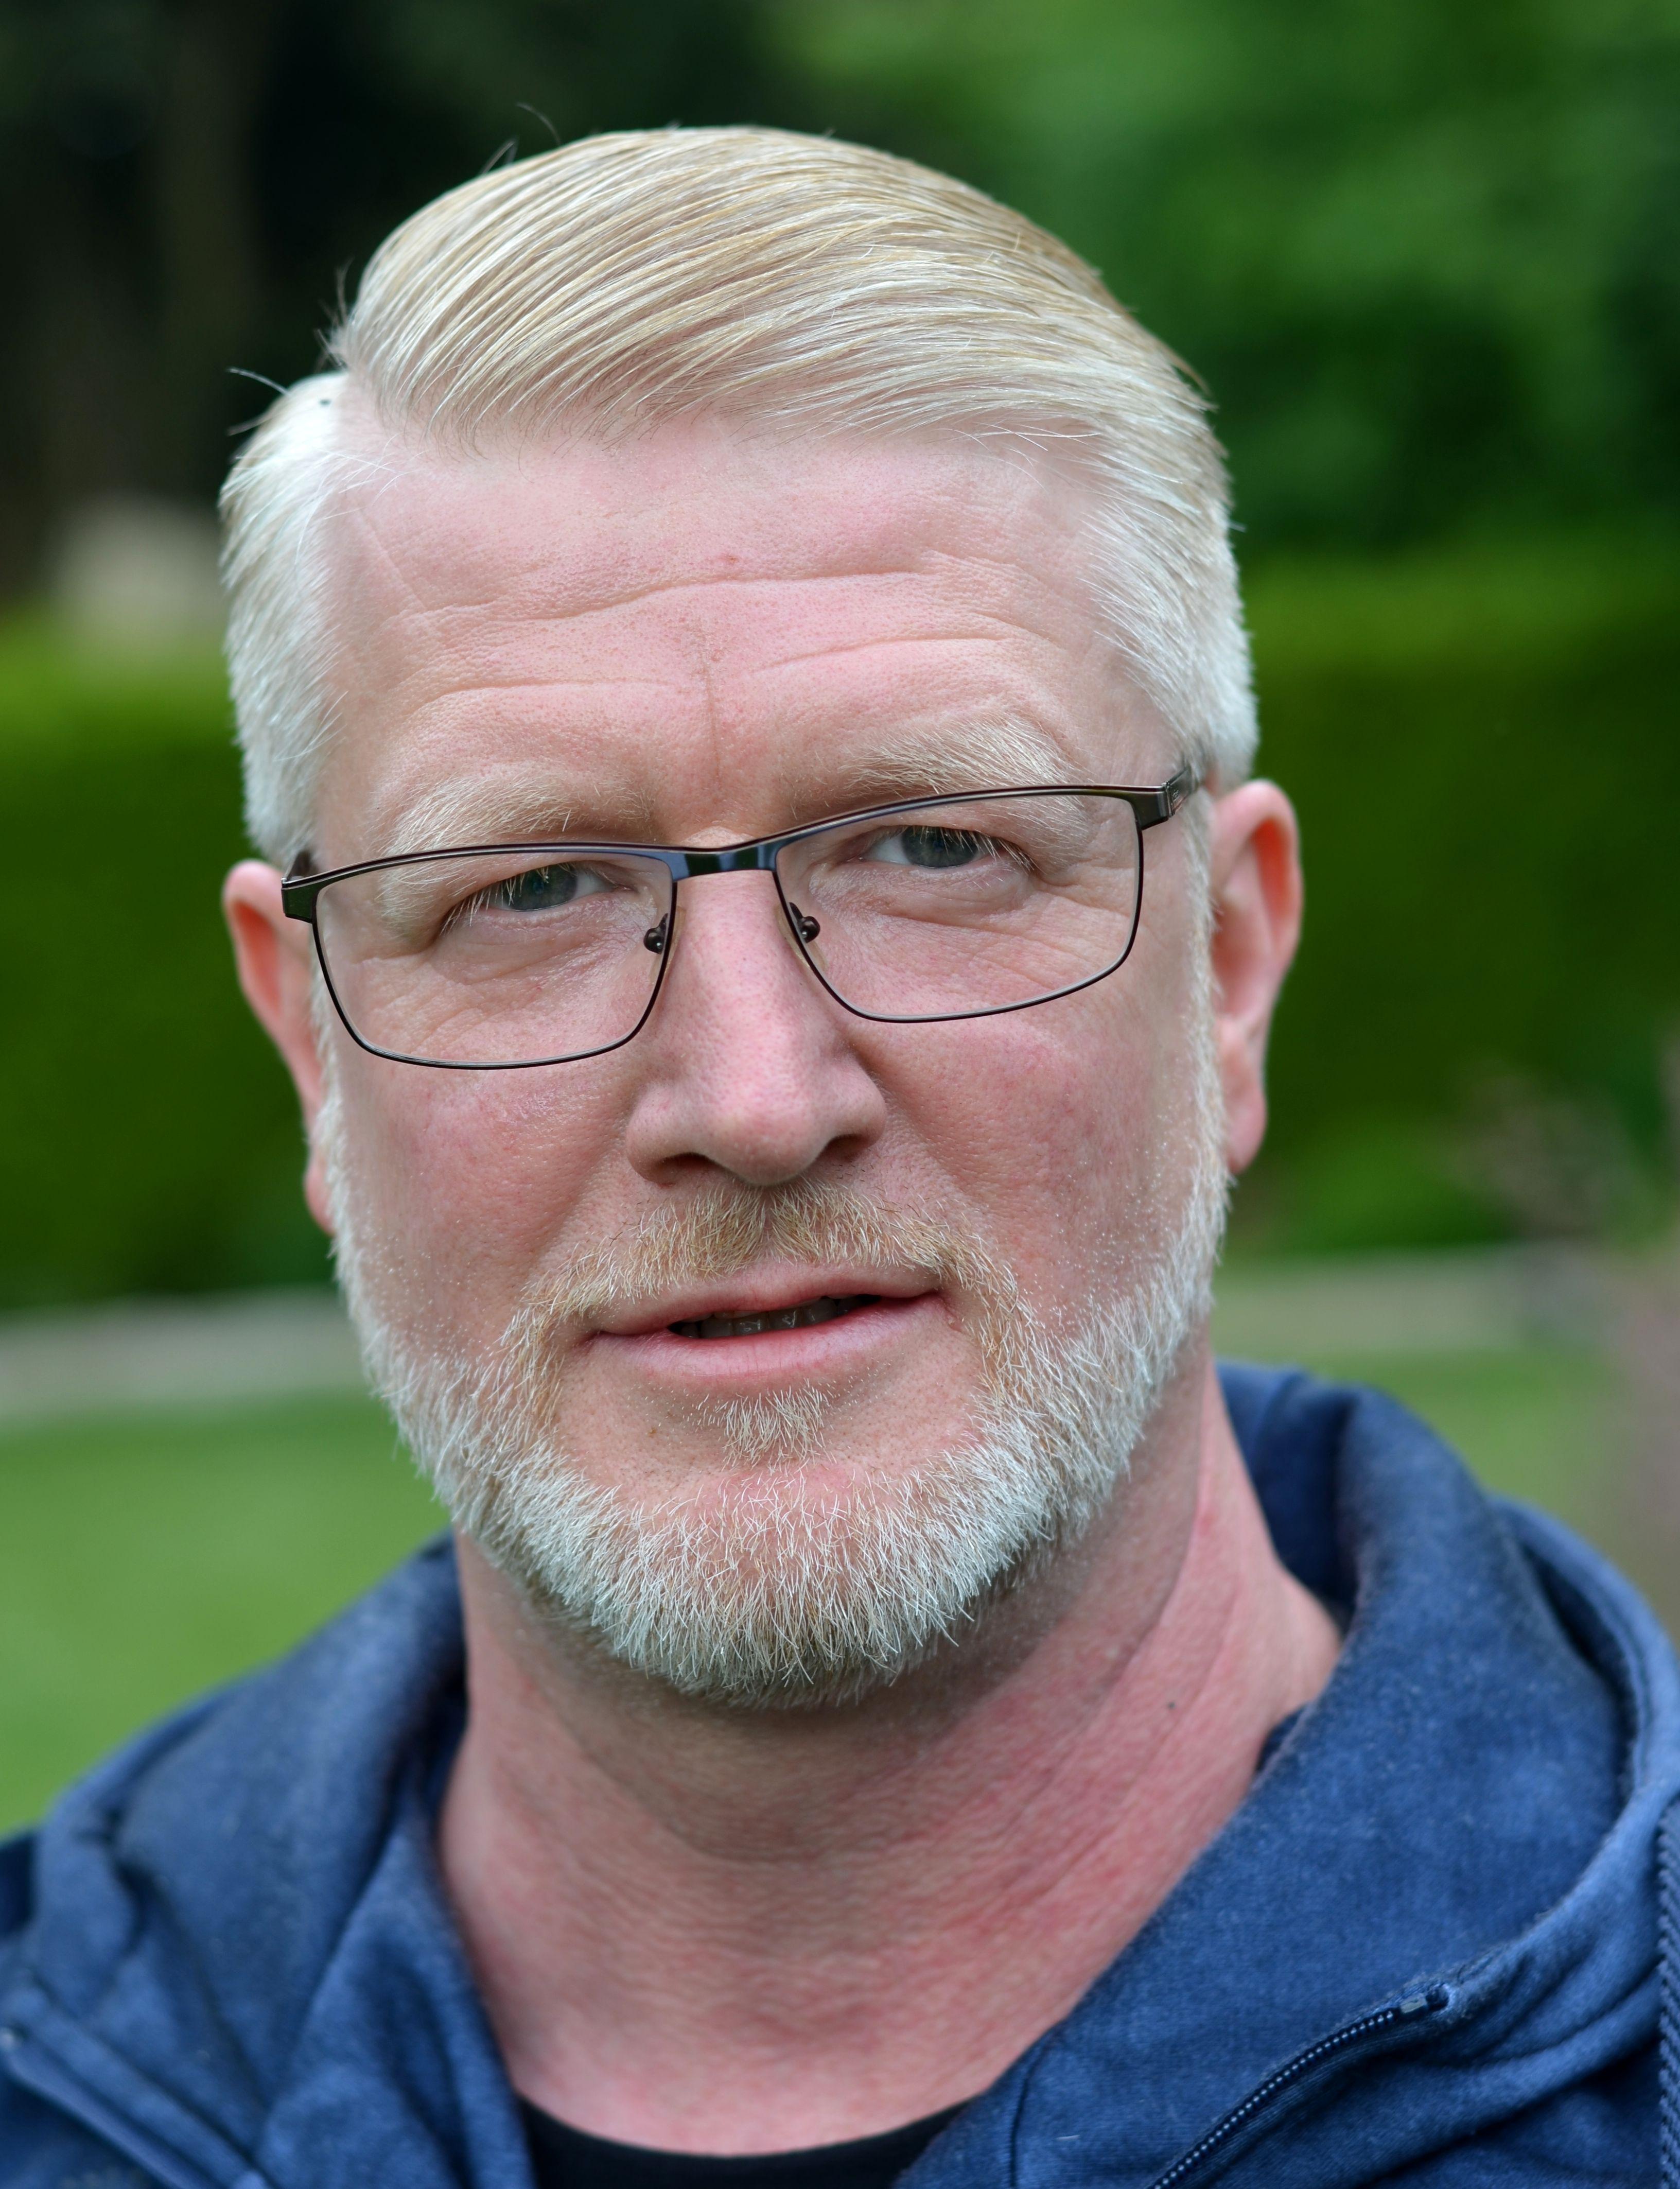 Markus Meike